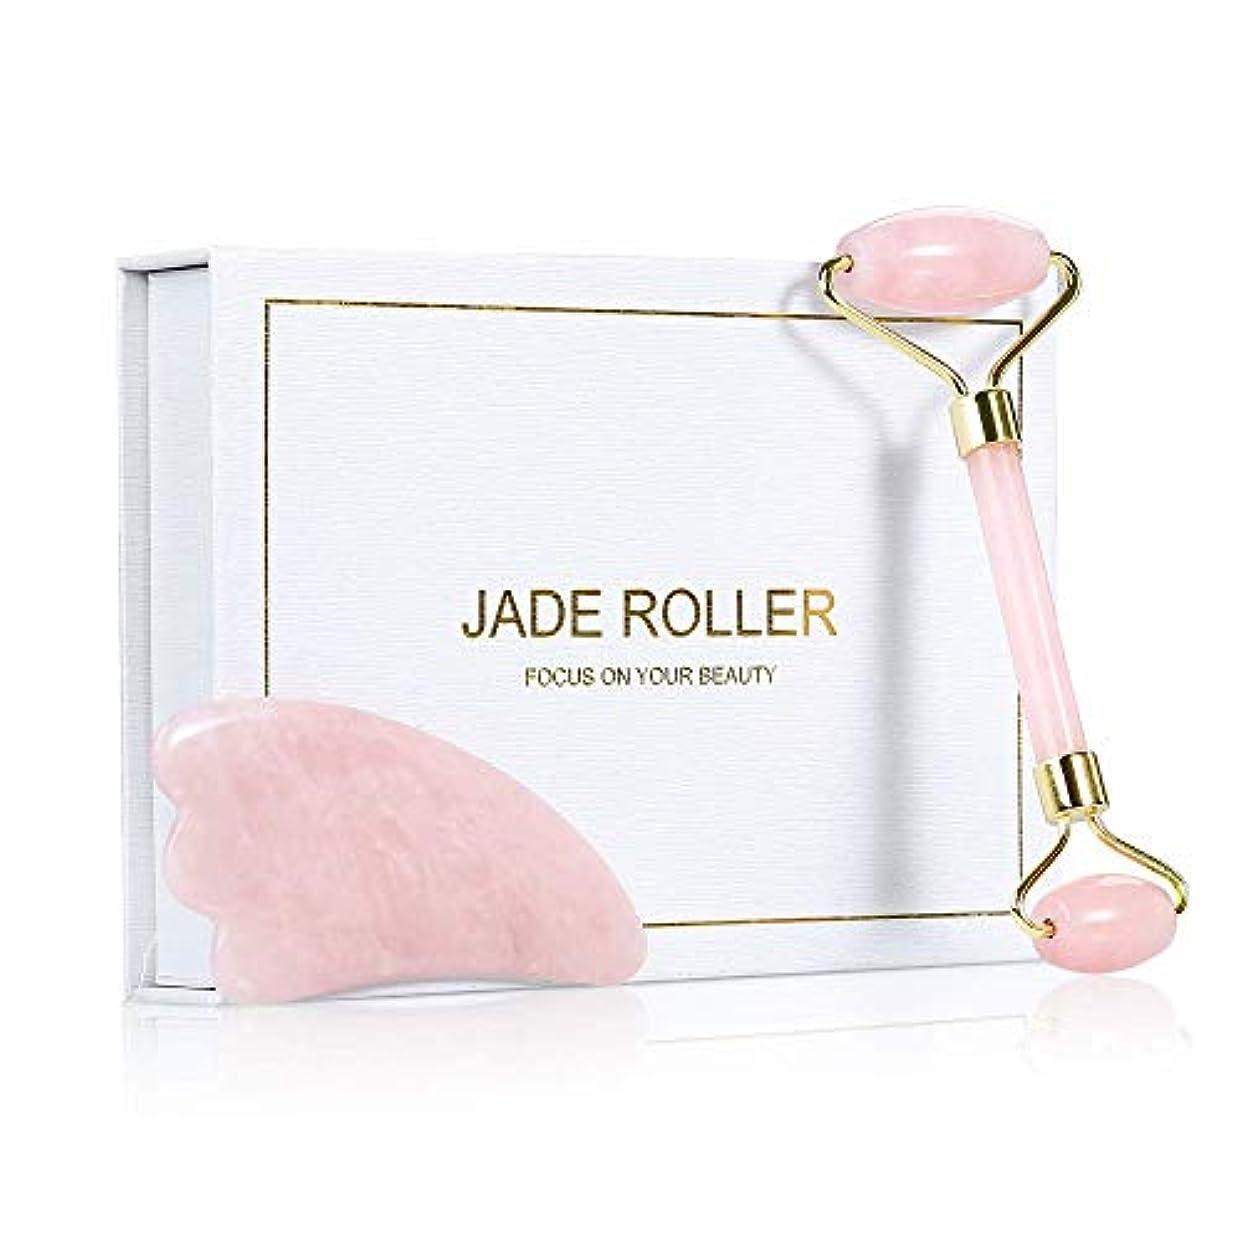 パイント海峡別にRose Quartz Jade Roller for Face 2 in 1 Gua Sha Tools Including Rose Quartz Roller and Jade Face Massager,100%...